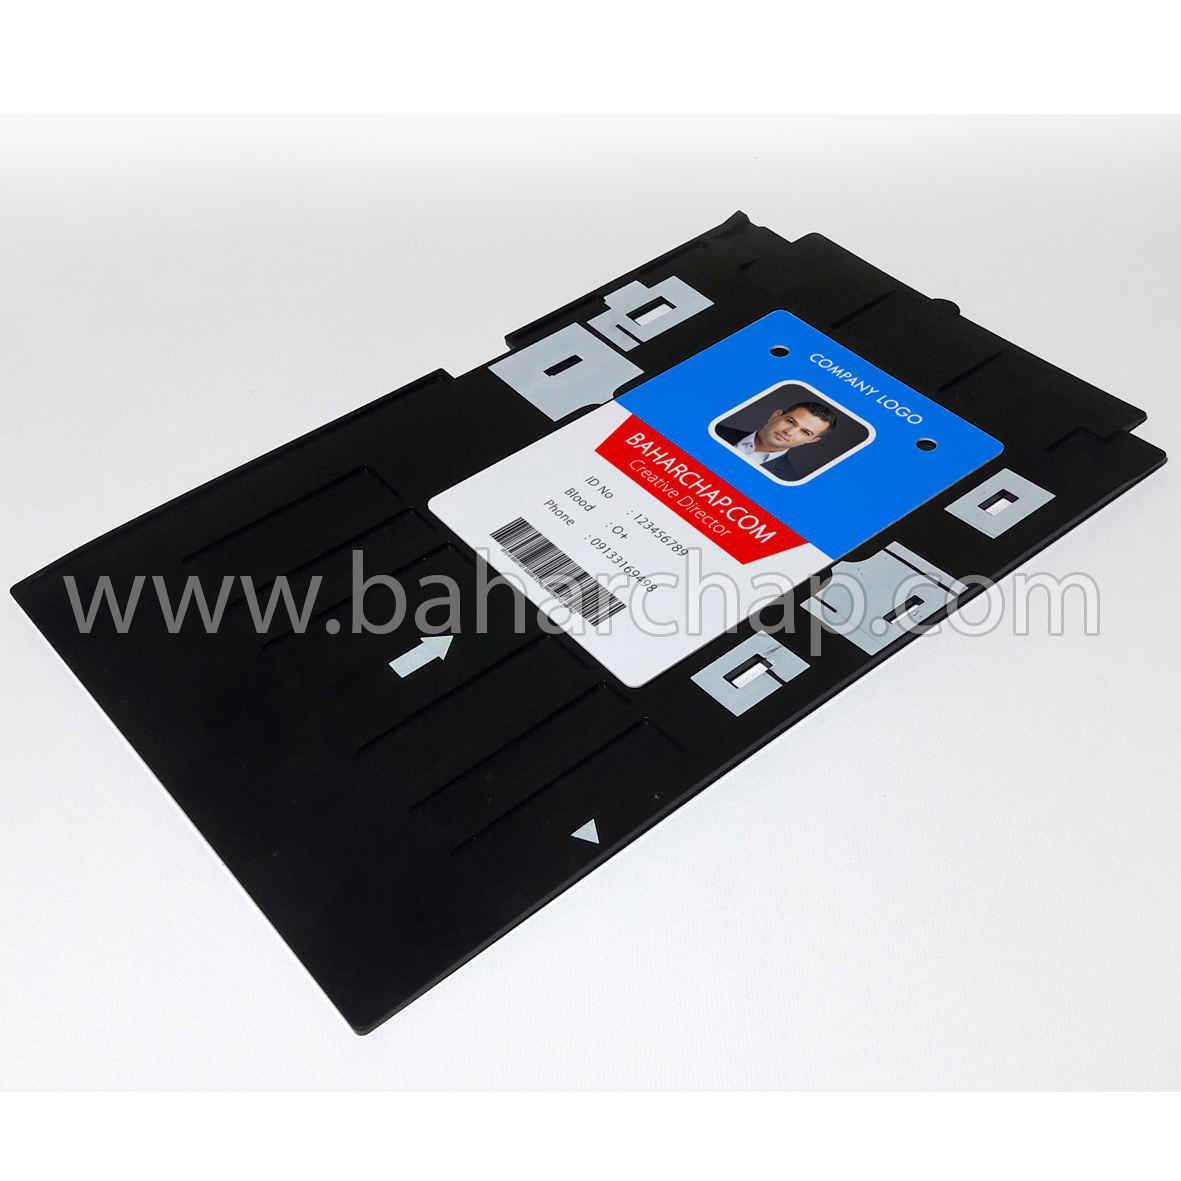 فروشگاه و خدمات اینترنتی بهارچاپ اصفهان-سینی مخصوص پرینت کارتهای  PVC پرسنلی و نمایشگاهی بزرگ-PVC Personnel Larg Card for Epson R260 R265 R270 R280 R290 R380 R390 RX680 T50 T60 A50 P50 L800 L801 R330